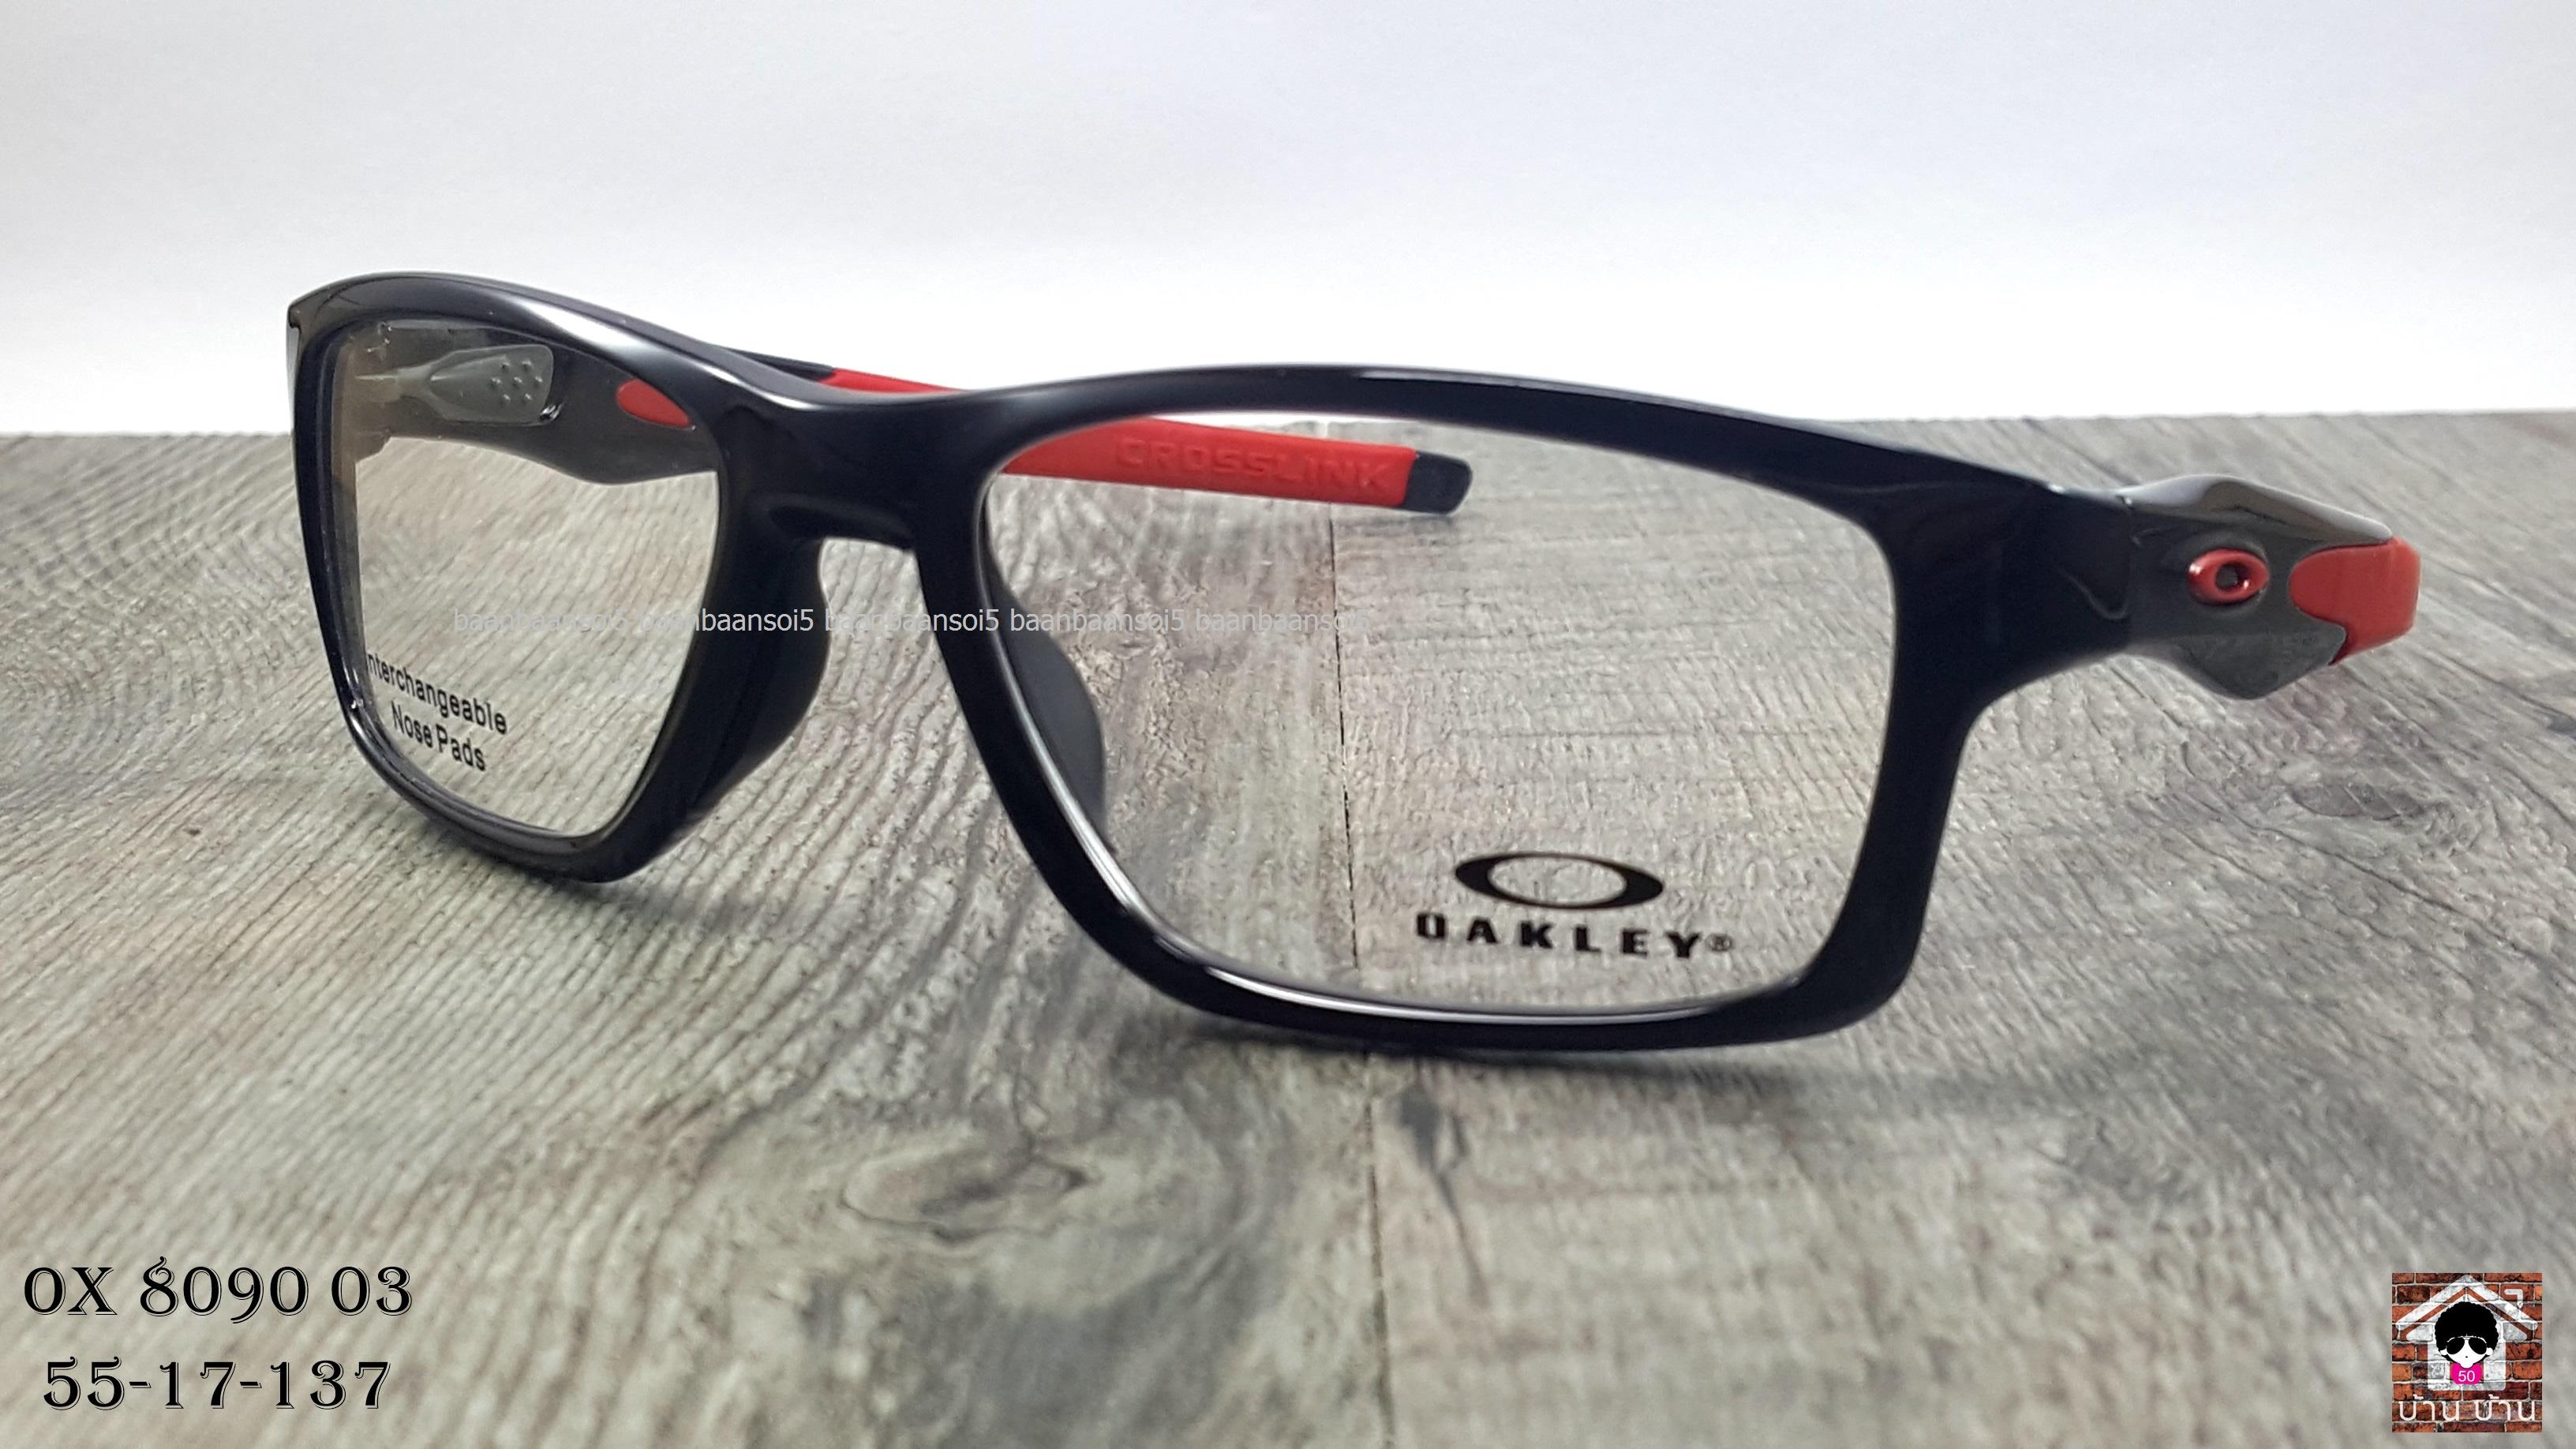 Oakley OX8090-03 CROSSLINK MNP โปรโมชั่น กรอบแว่นตาพร้อมเลนส์ HOYA ราคา 5,700 บาท